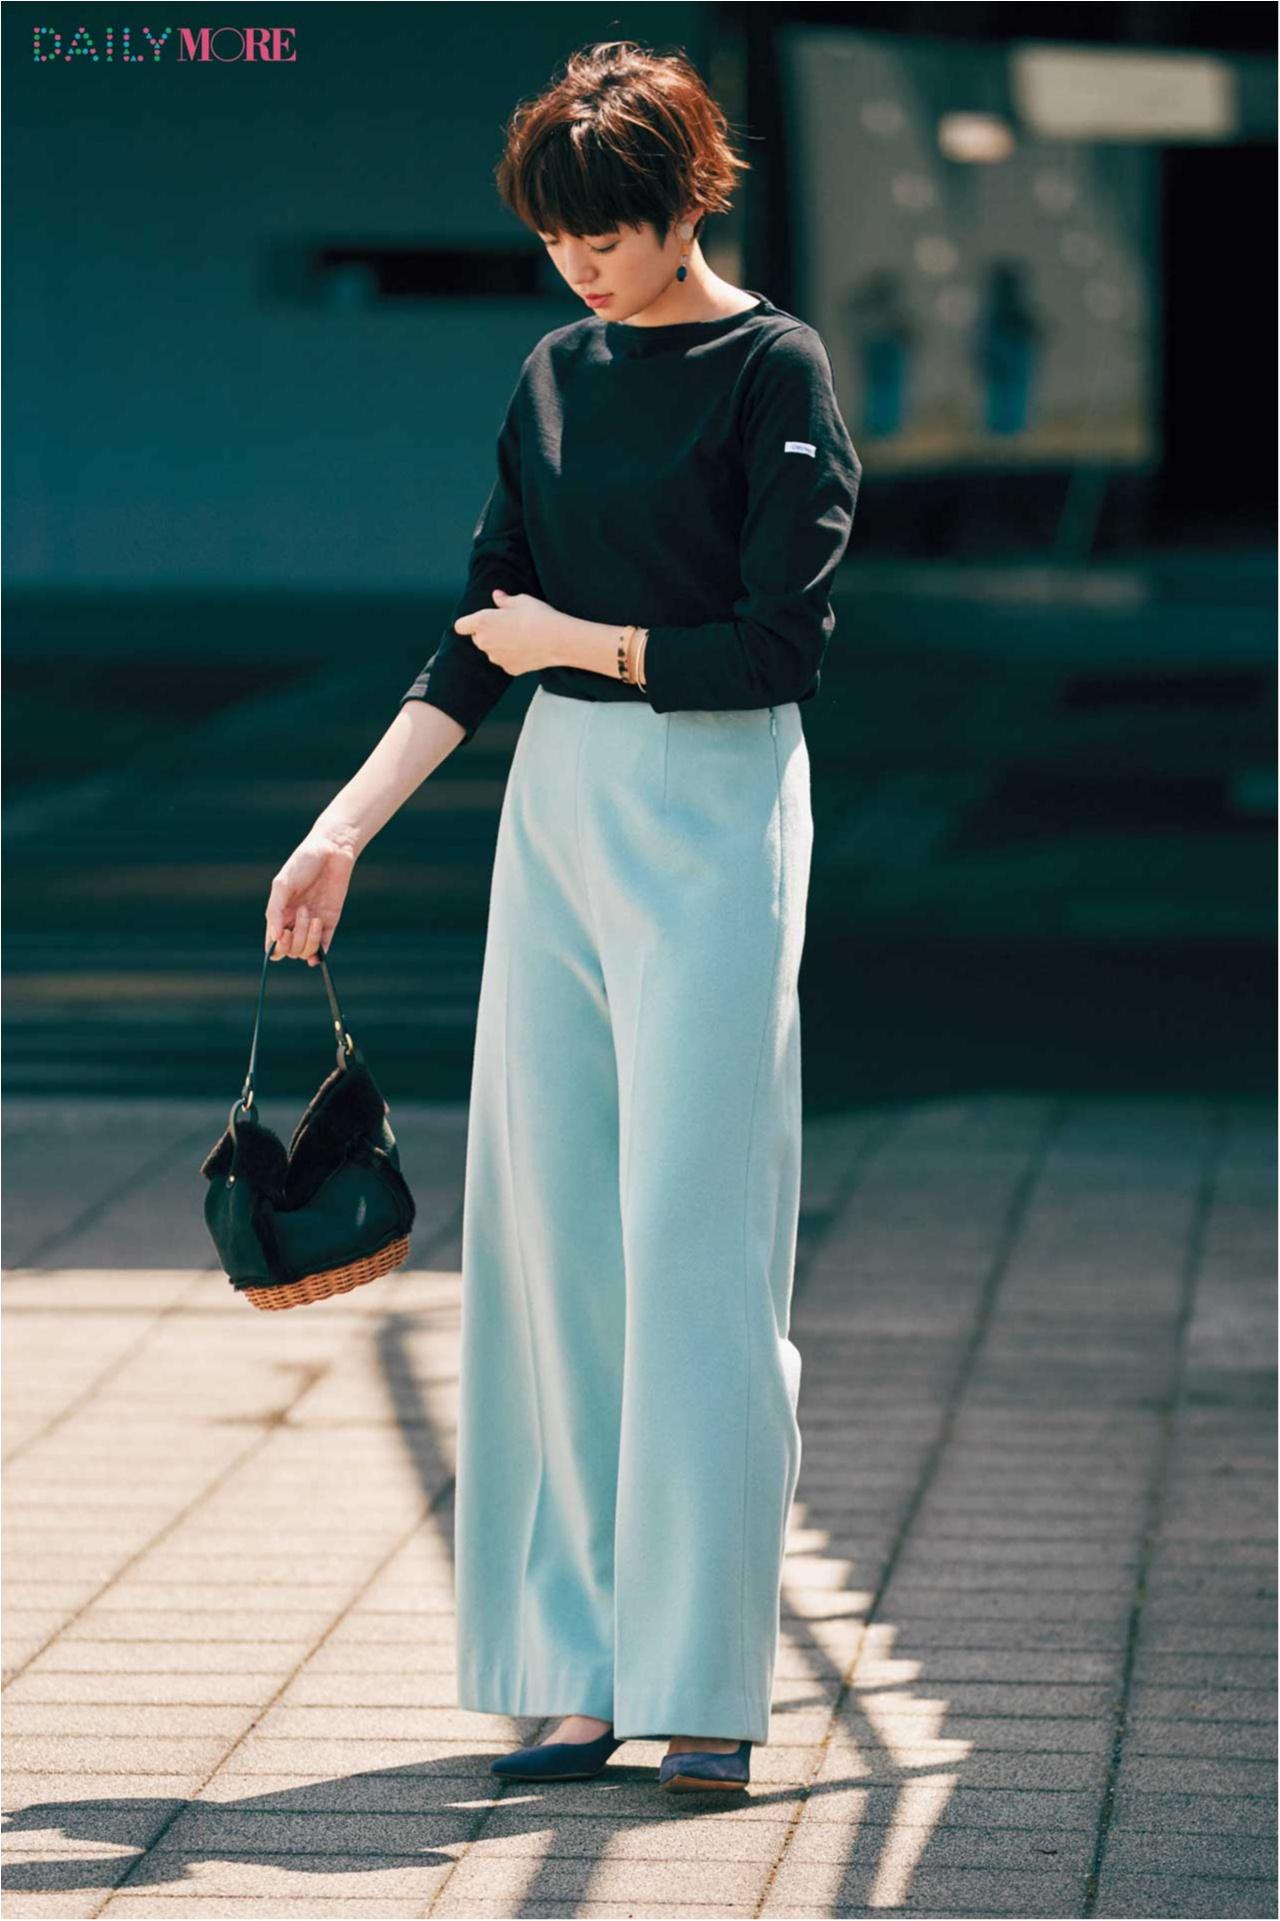 【今日のコーデ/佐藤栞里】黒に合わせる新しい色を模索中。甘すぎなくて美人になれるブルーのパンツに出会った!_1